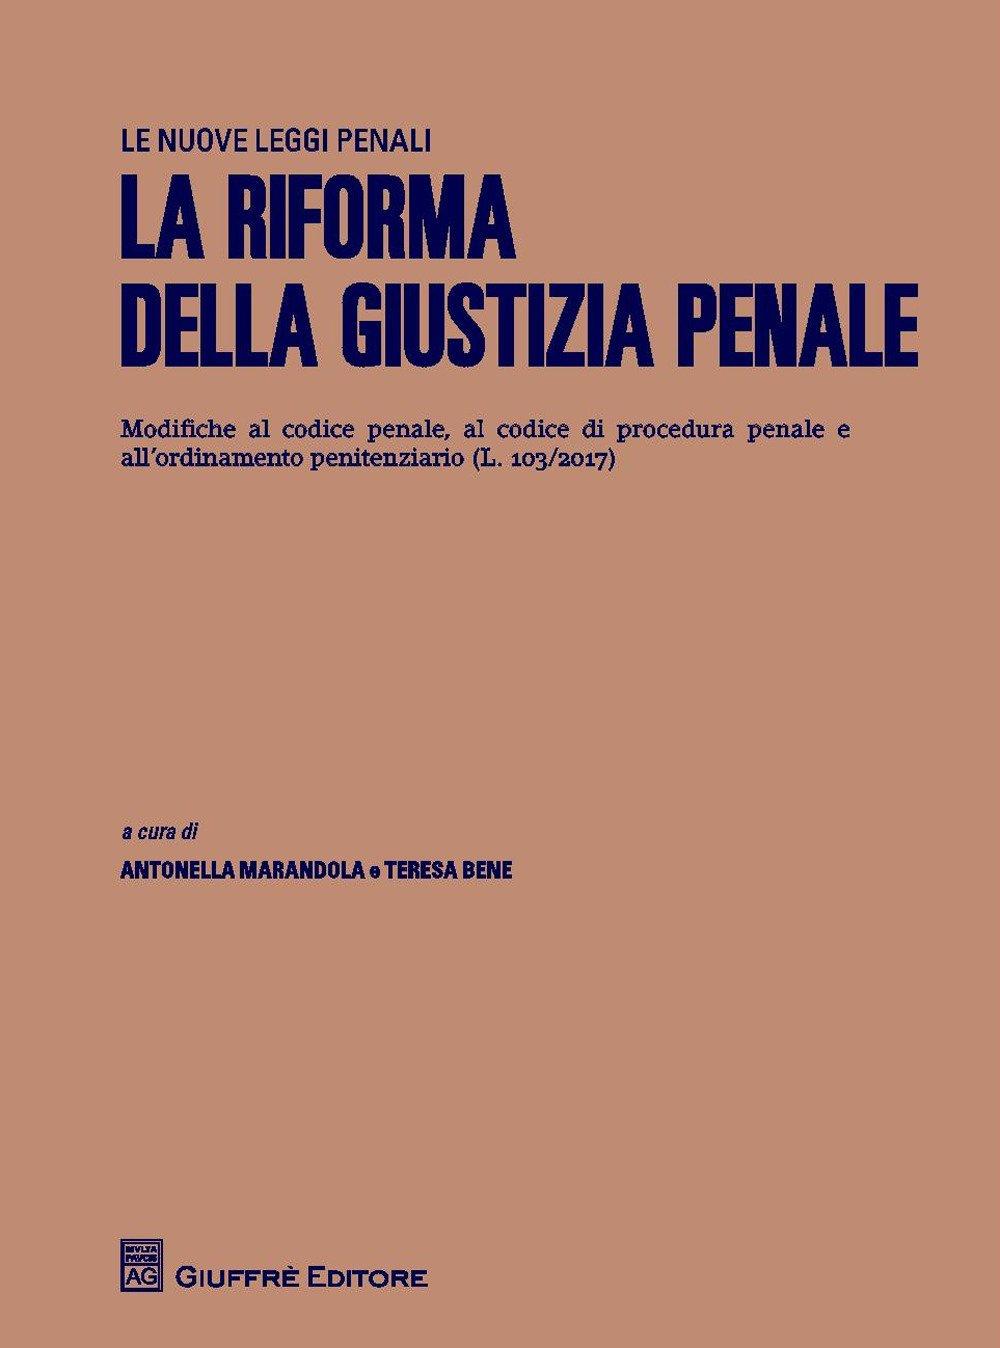 La riforma della giustizia penale. Modifiche al codice penale, al codice di procedura penale e all'ordinamento penitenziario (L.103/2017)